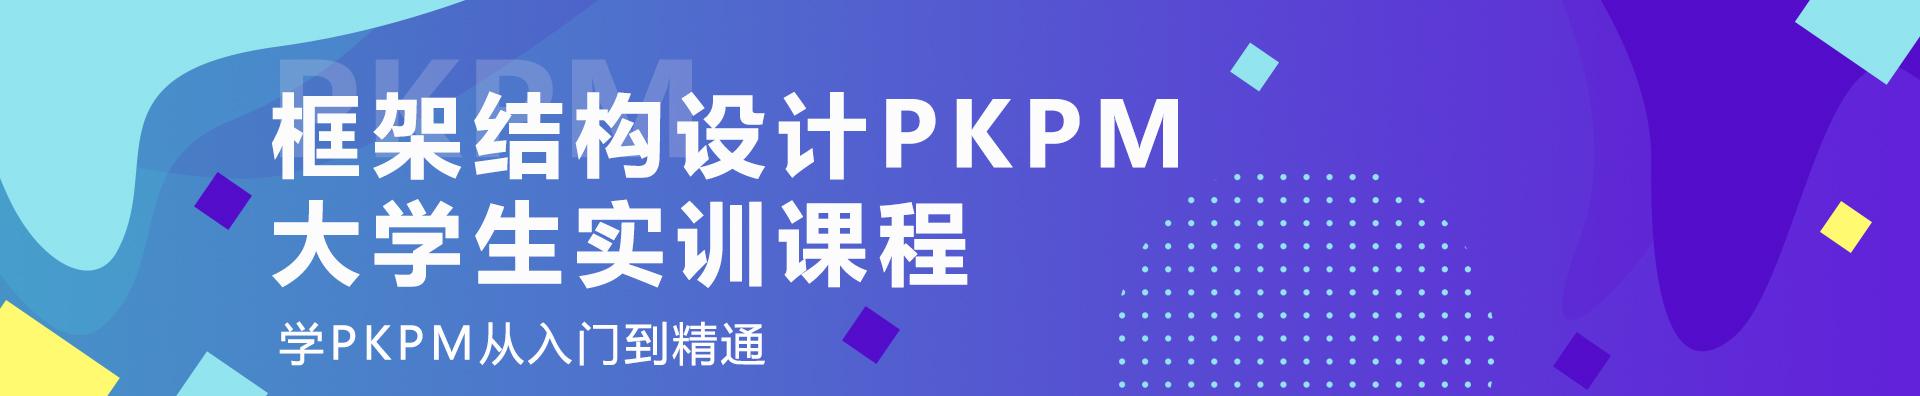 框架结构设计PKPM大学生实训课程